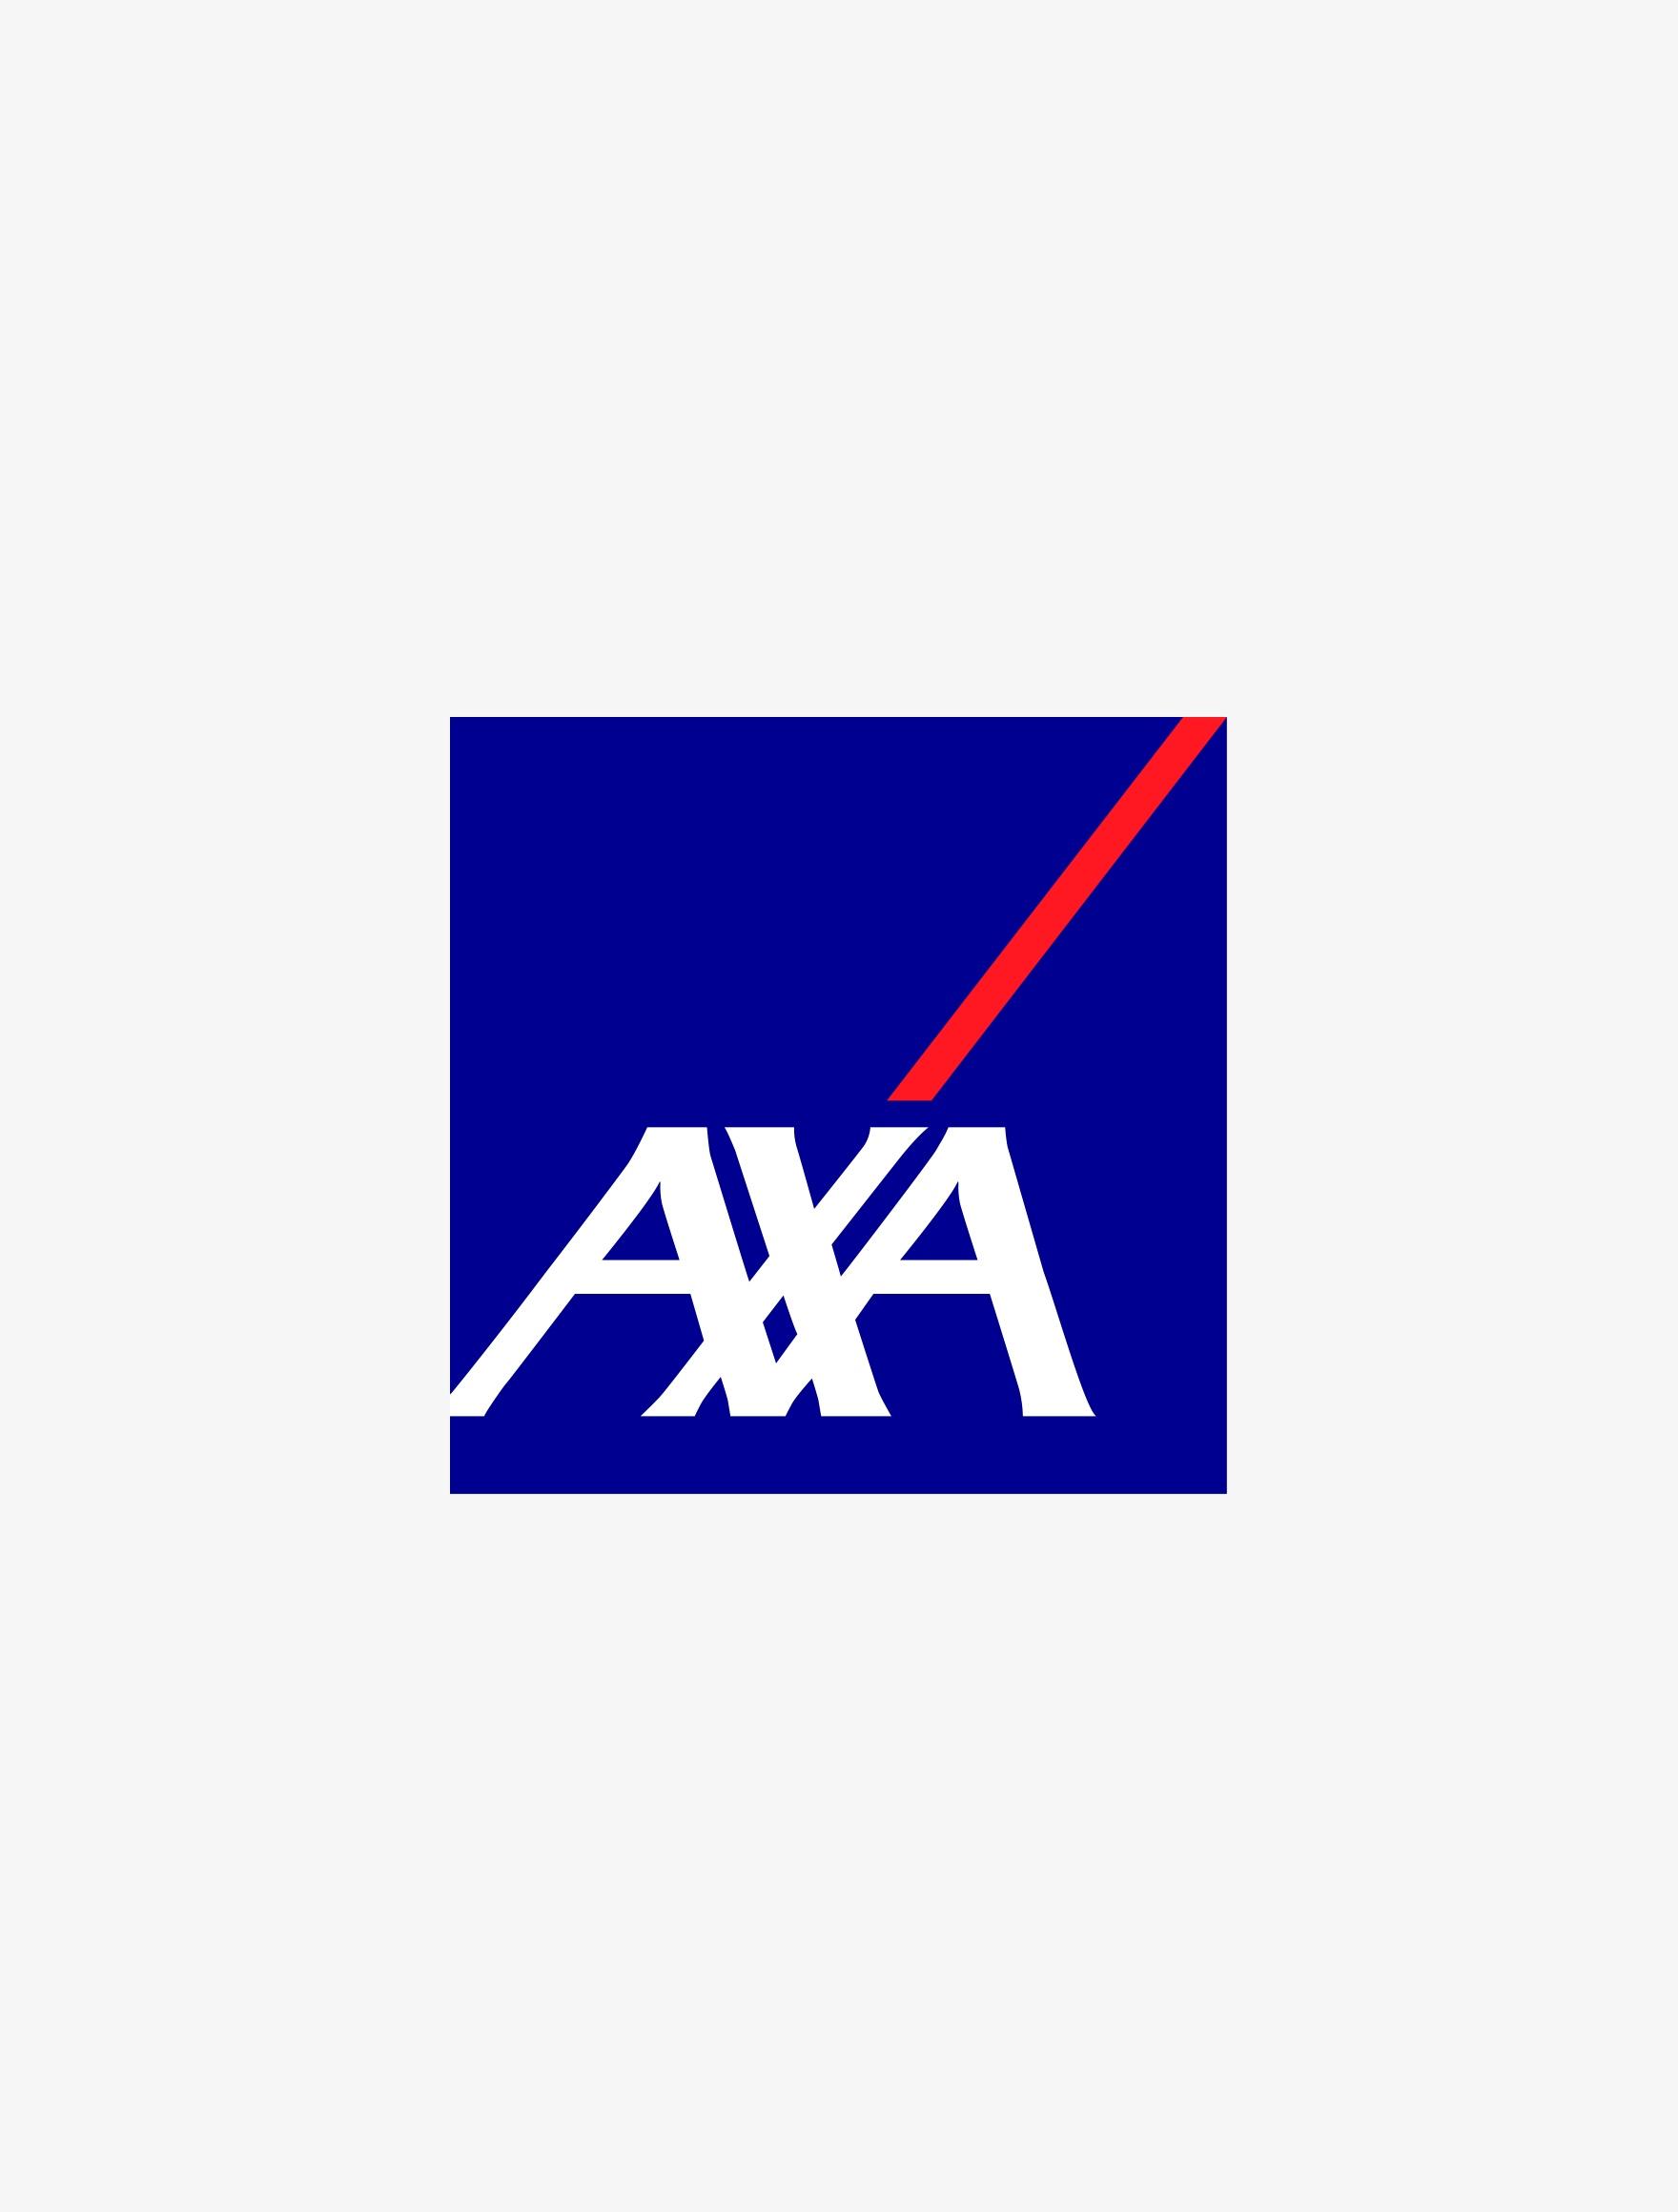 thumb-axa